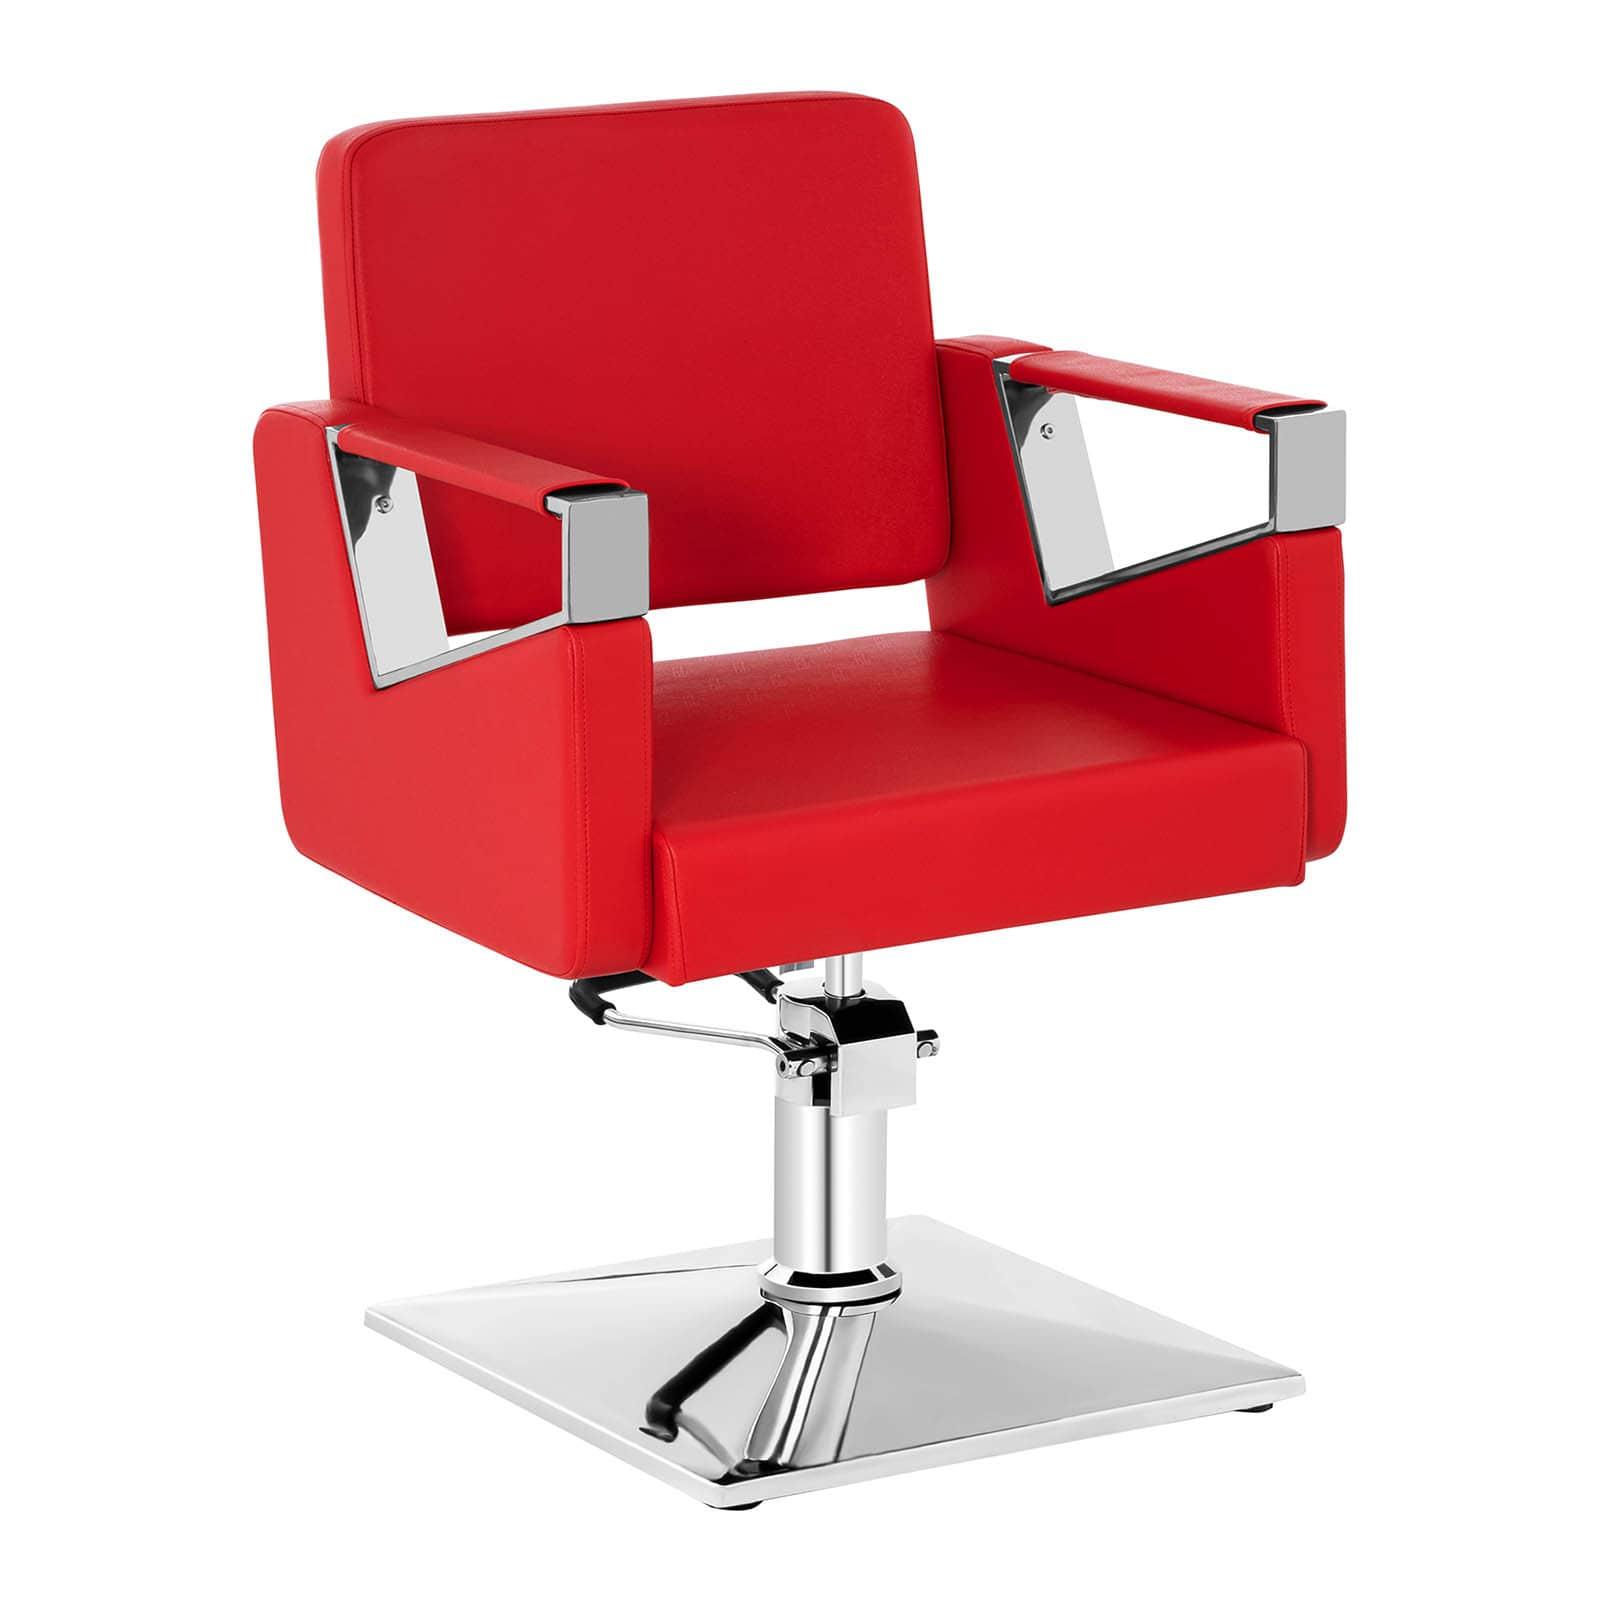 Fotel fryzjerski Physa Bristol czerwony